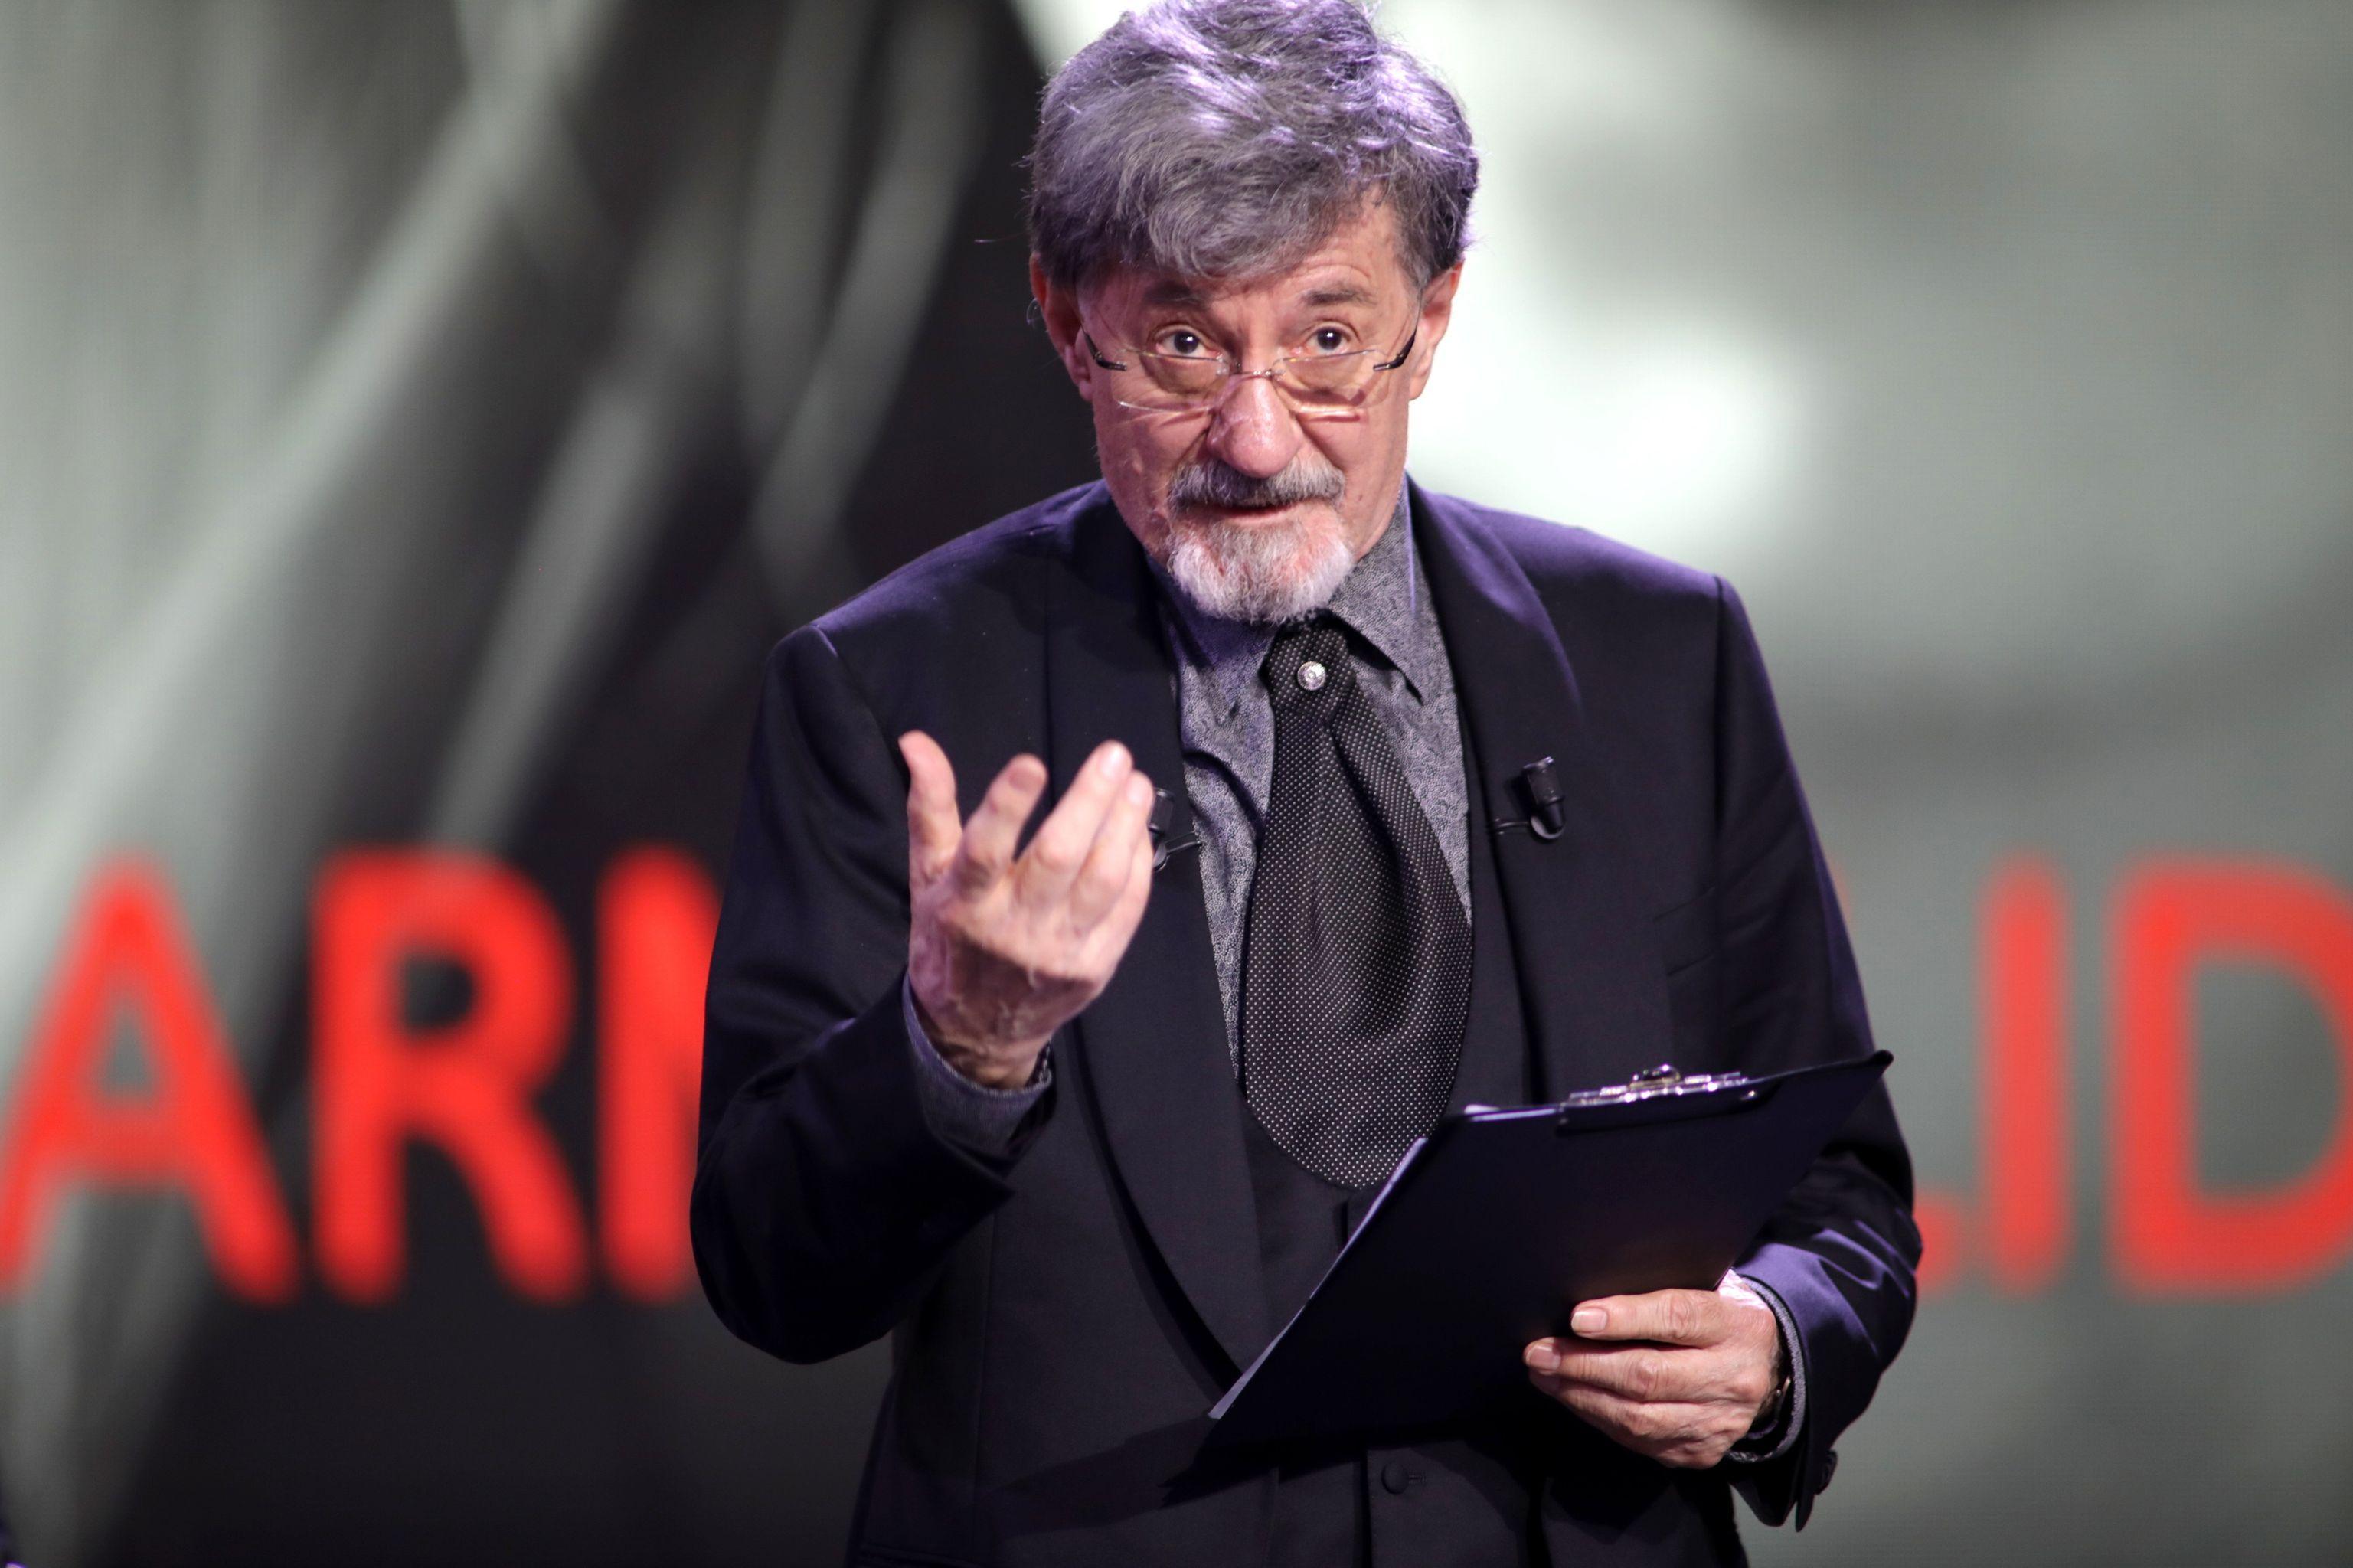 Ion Caramitru a murit. Avea 79 de ani şi era internat în spital de câteva săptămâni